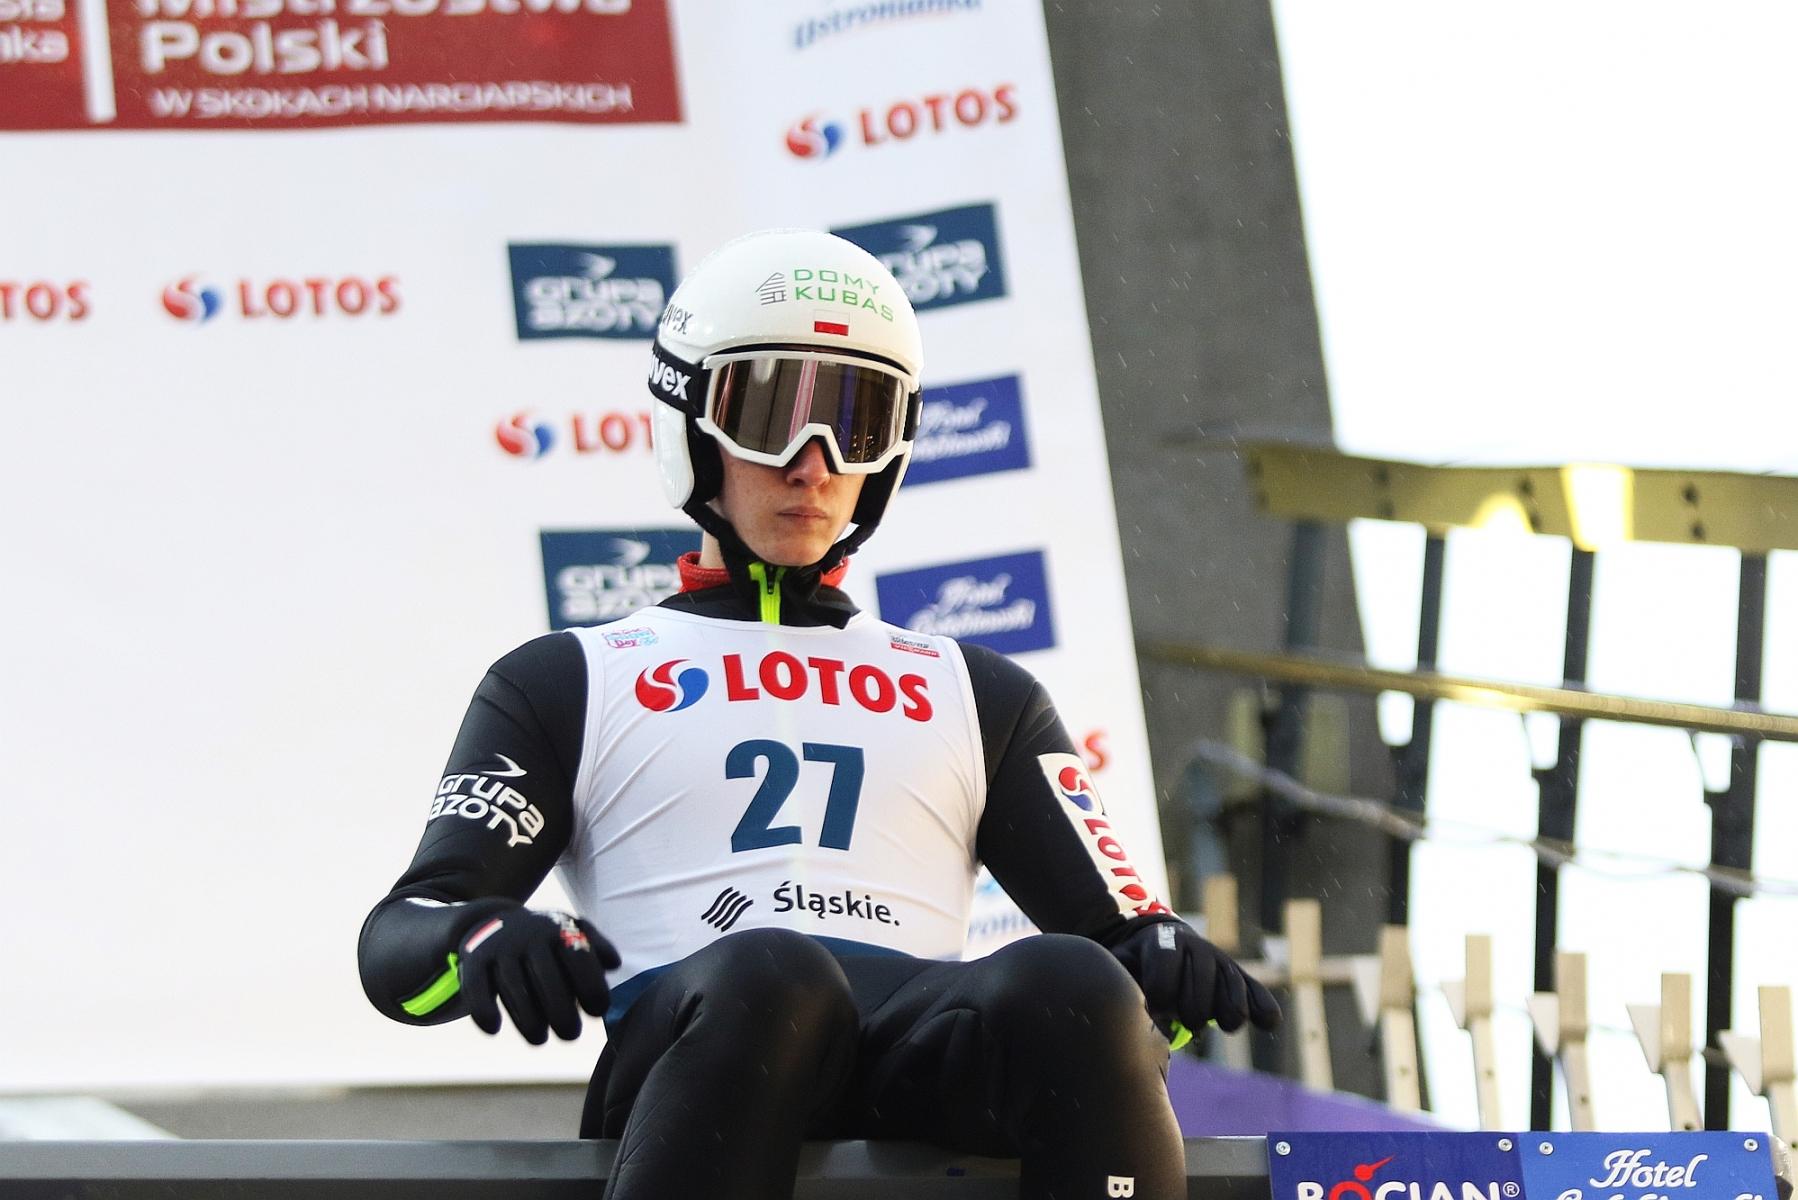 MistrzostwaPolski Wisla2020 Panowie fot 27 - Znamy skład polskich kadr na Mistrzostwa Świata Juniorów w Lahti [AKTUALIZACJA]